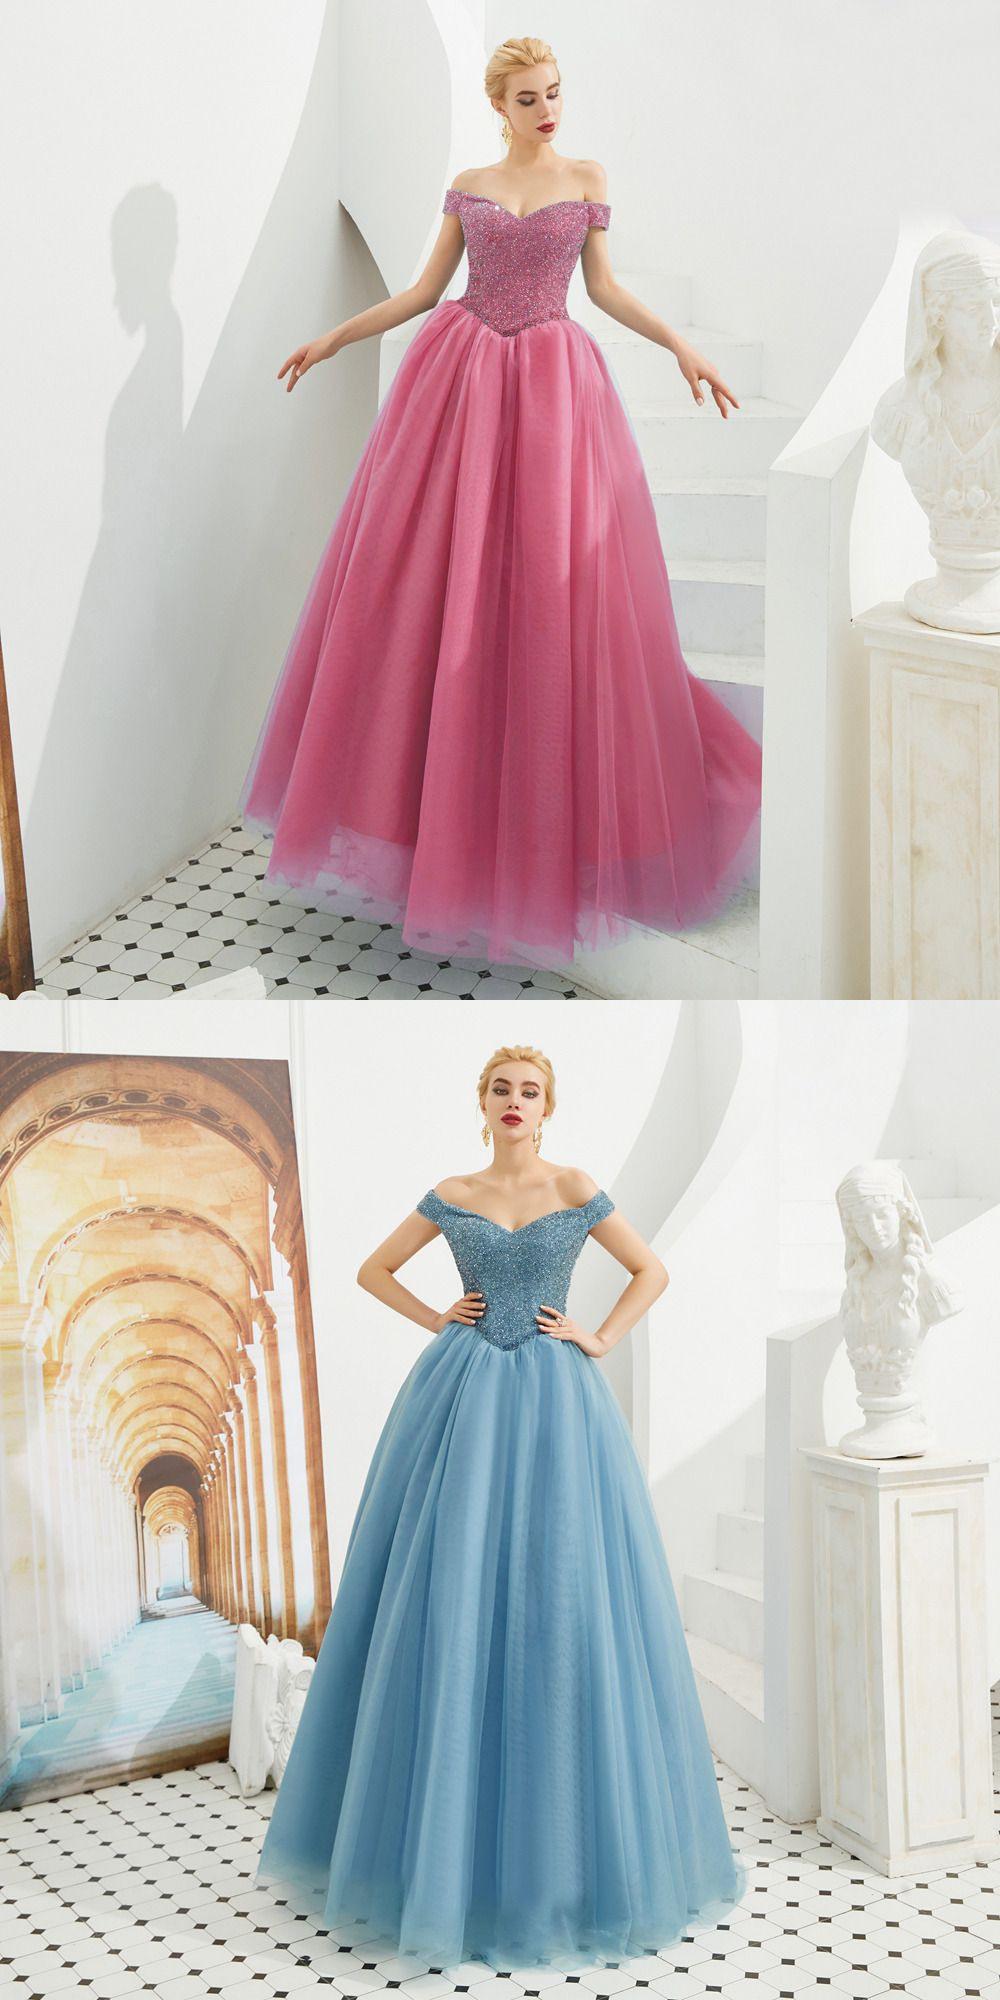 20 Großartig Abendkleid Carmen Ausschnitt Lang Design17 Schön Abendkleid Carmen Ausschnitt Lang Spezialgebiet